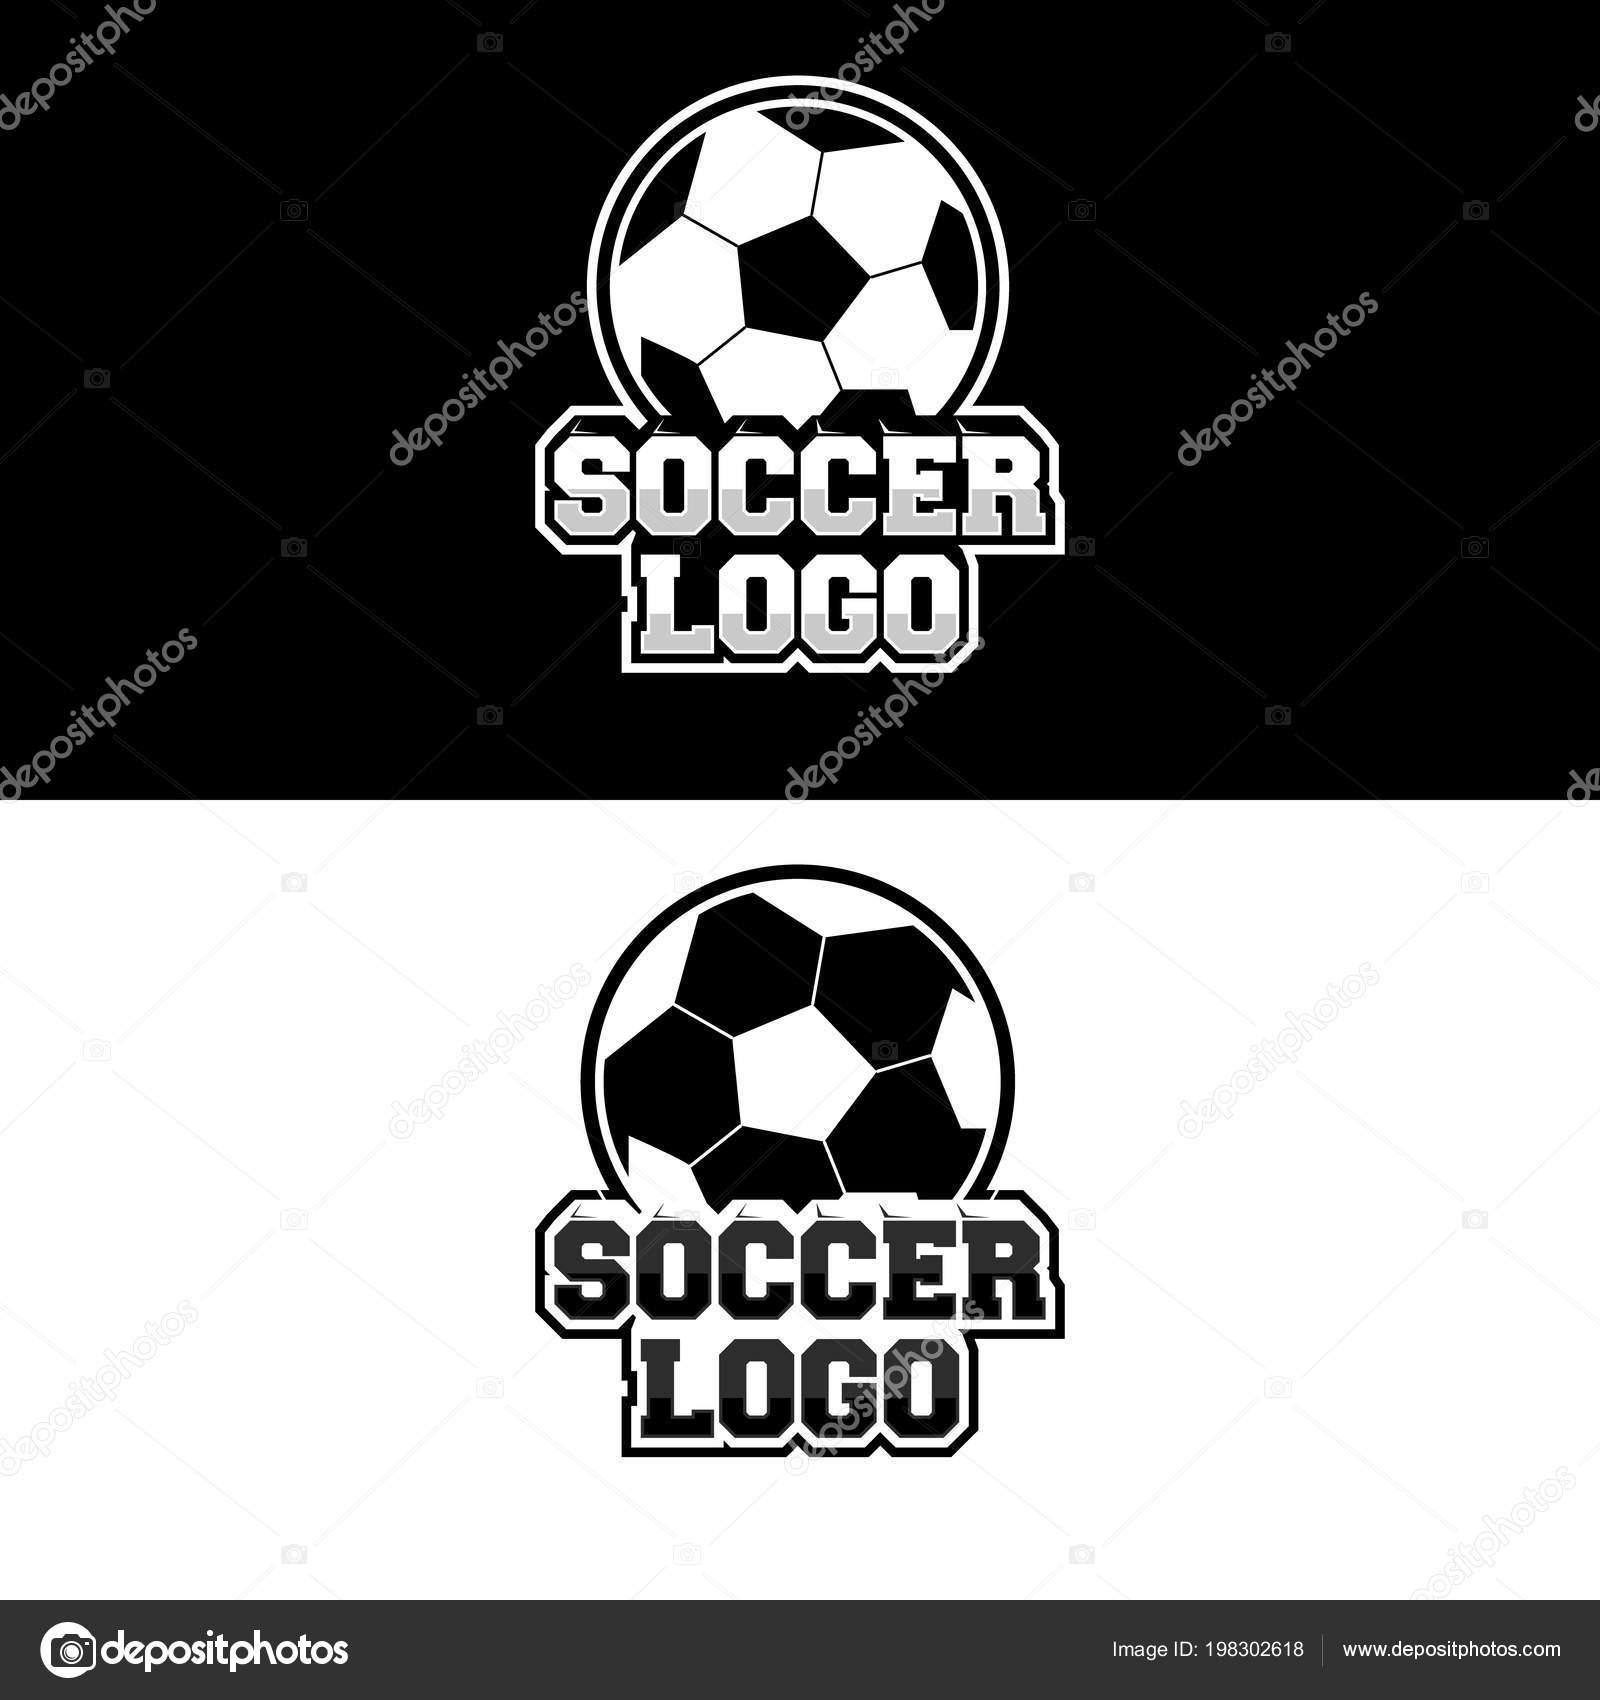 6db8f2cf2a3c0 Diseño Logotipo Fútbol Para Equipo Jugador Con Variaciones Blanco Negro —  Vector de stock